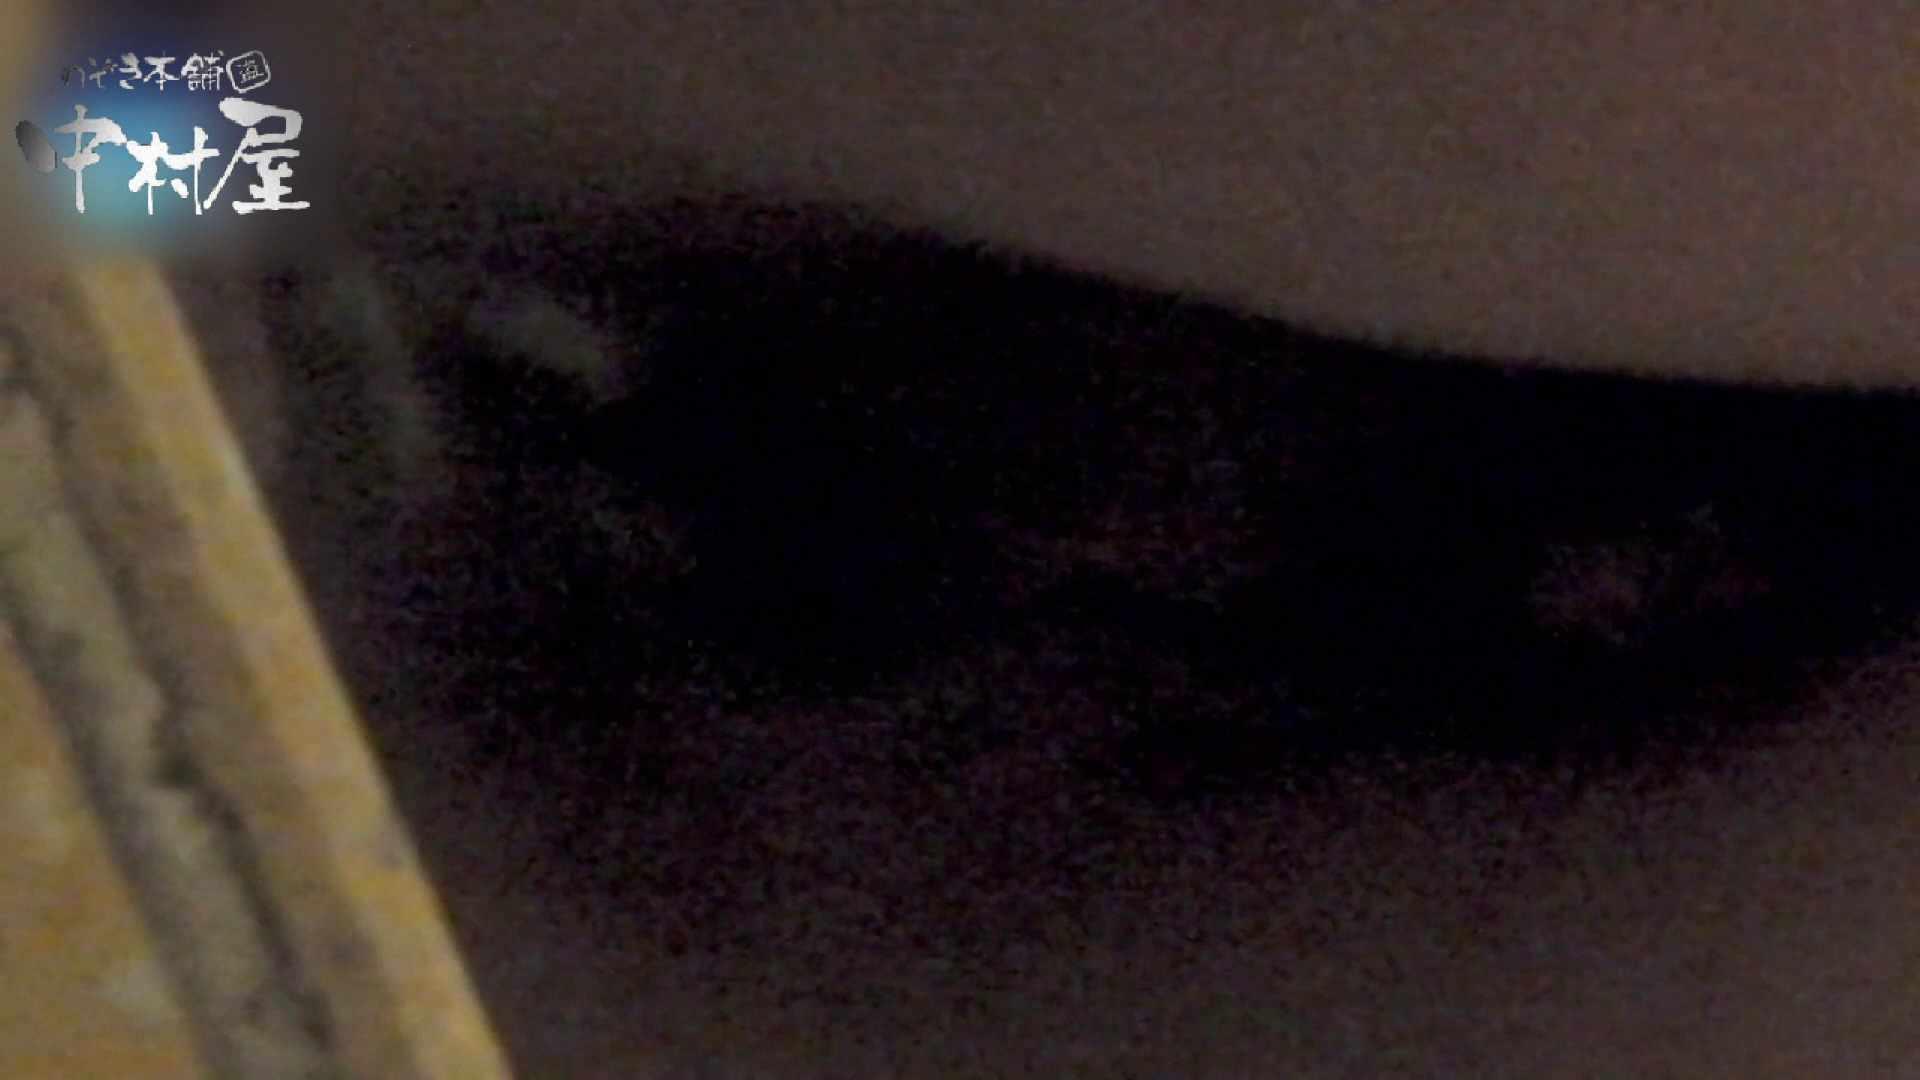 乙女集まる!ショッピングモール潜入撮vol.11 乙女すけべ画像 スケベ動画紹介 33連発 3